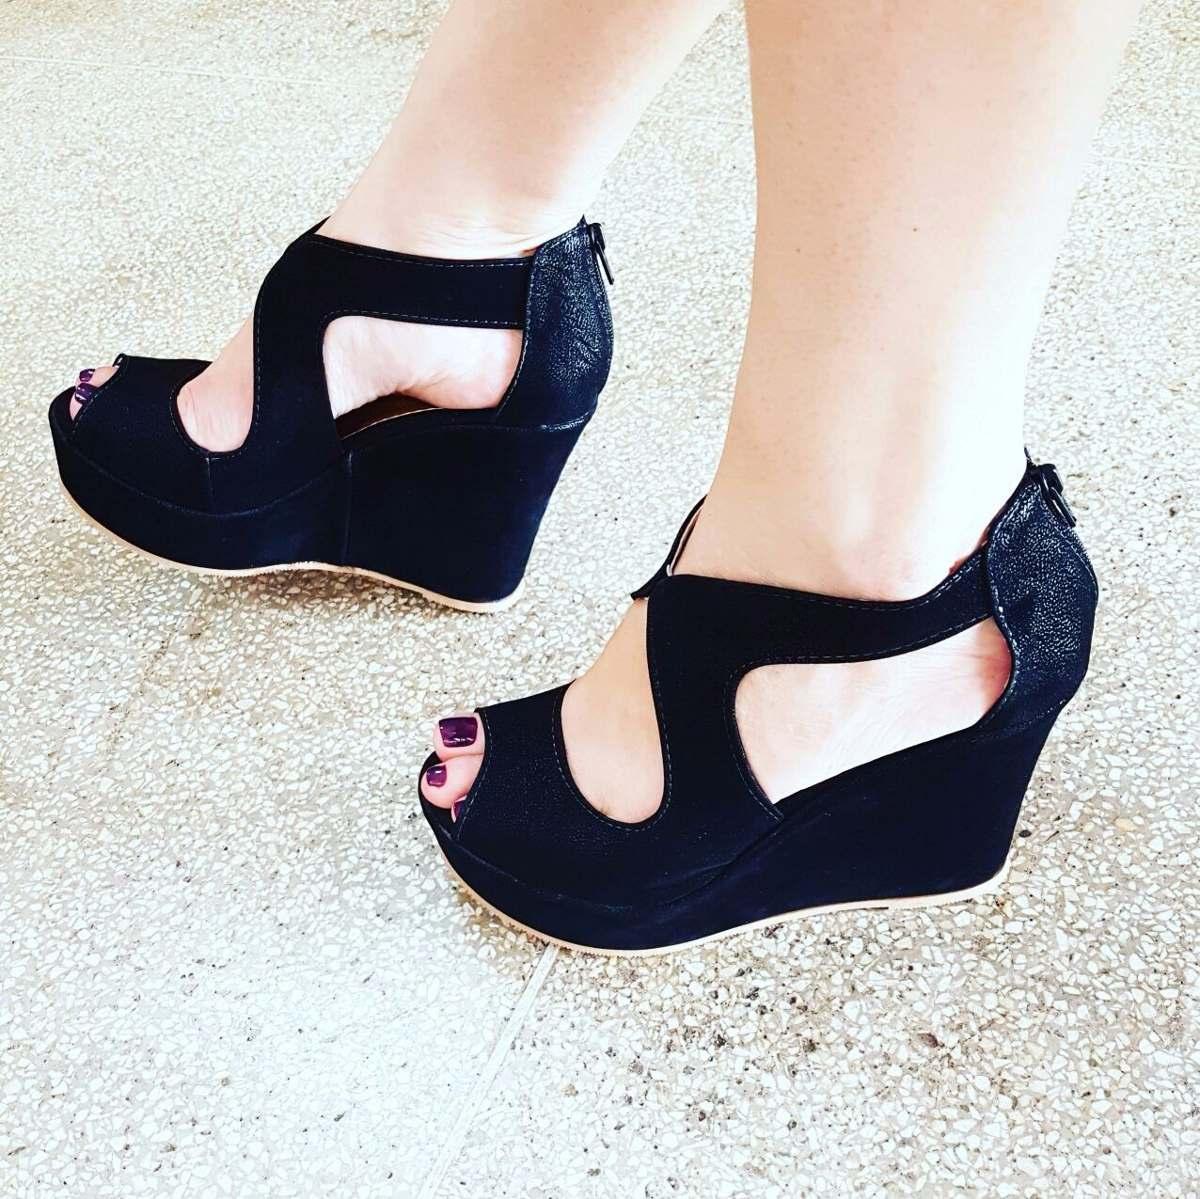 79de480ee1 sandália anabela plataforma feminino inspiração moda 322. Carregando zoom.